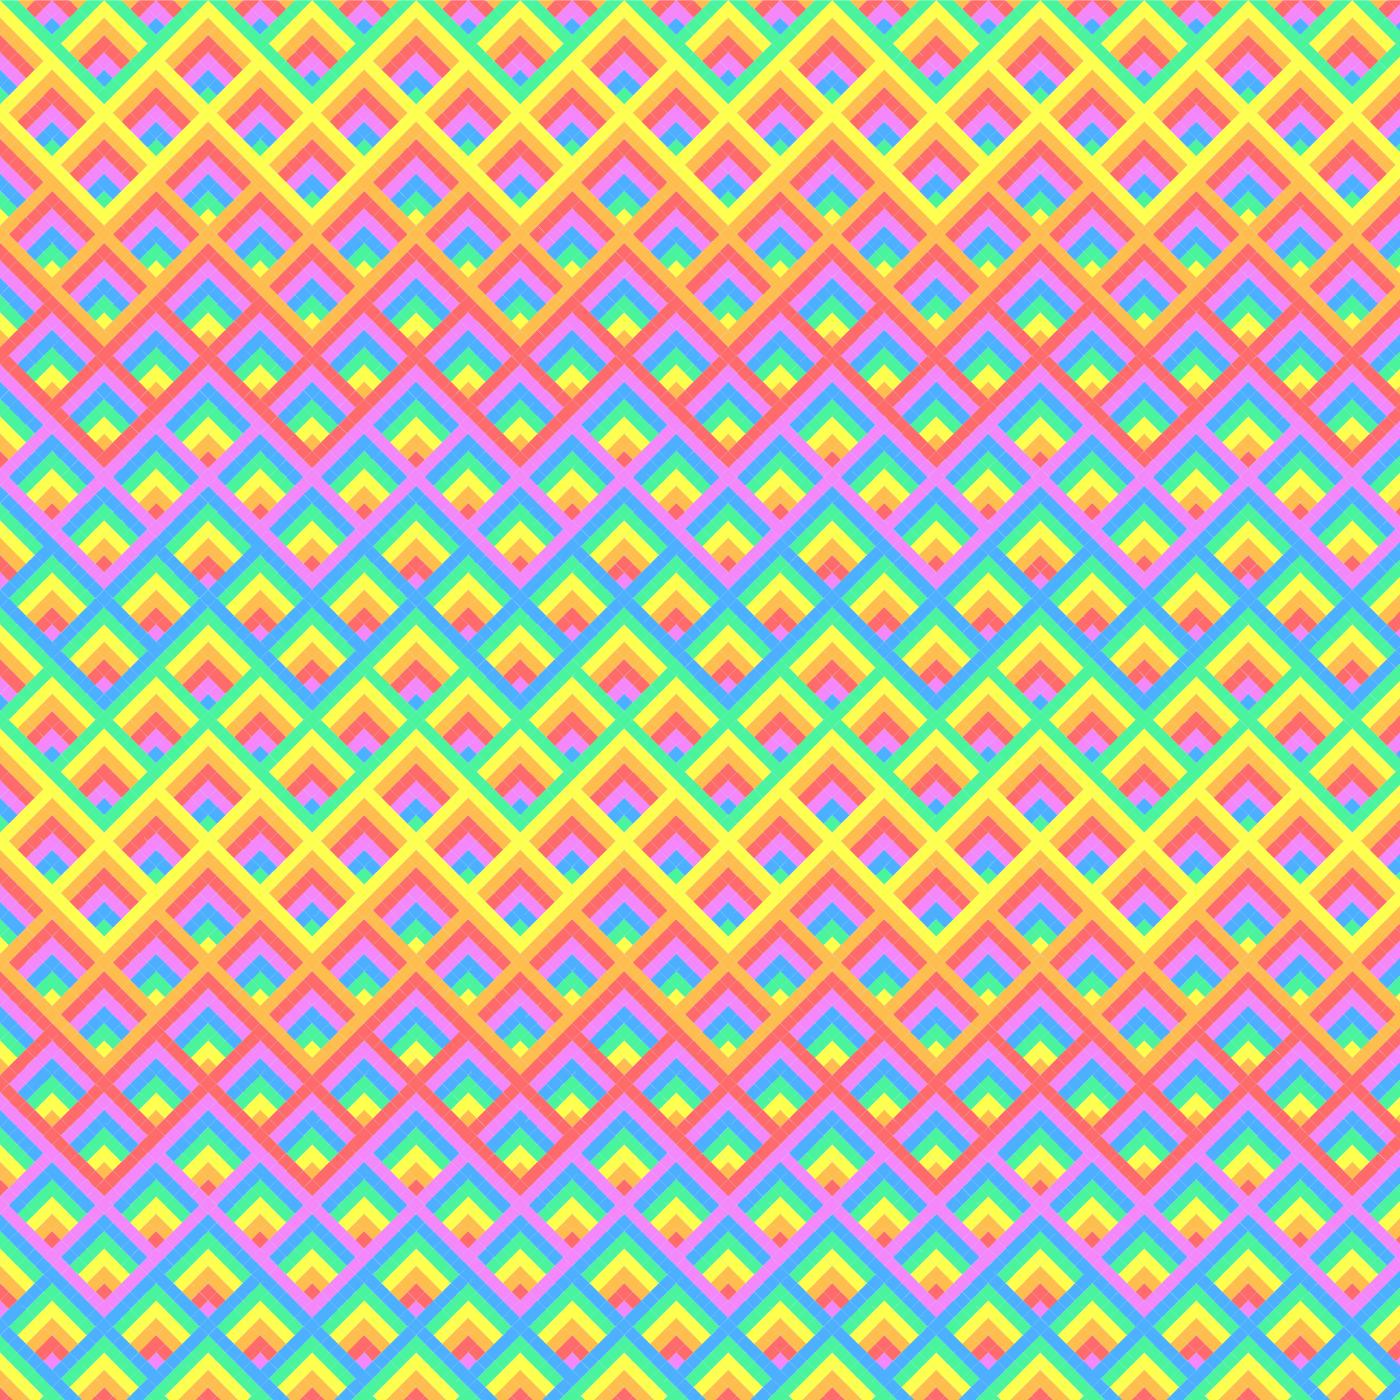 Rainbow 3d Squares Pixel Art Background Download Free Vectors Clipart Graphics Vector Art